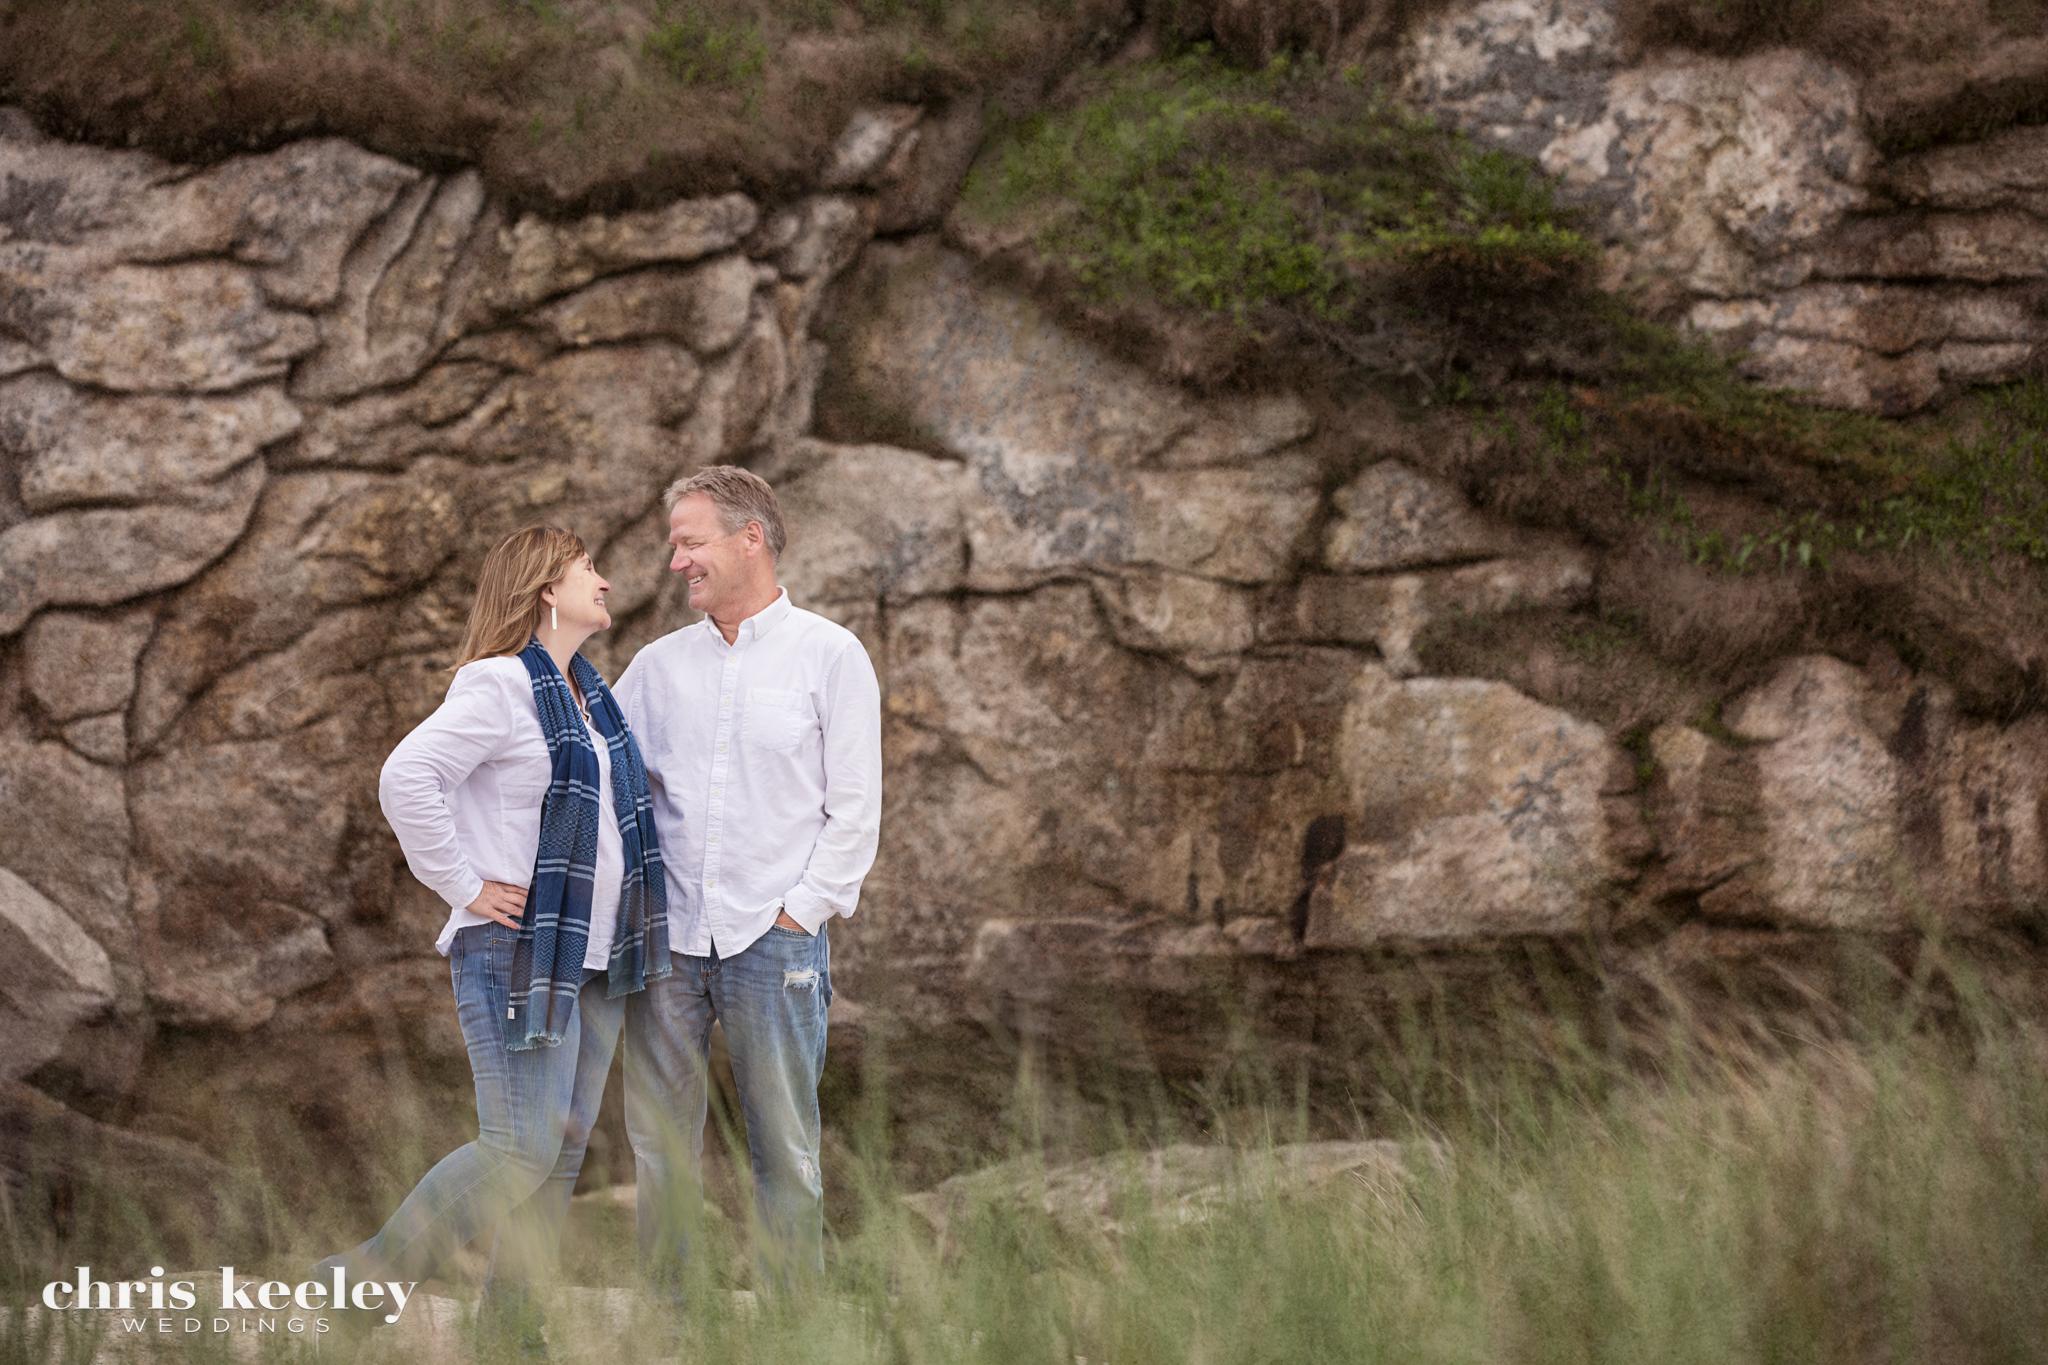 262-Chris-Keeley-Weddings-247 wmk.jpg